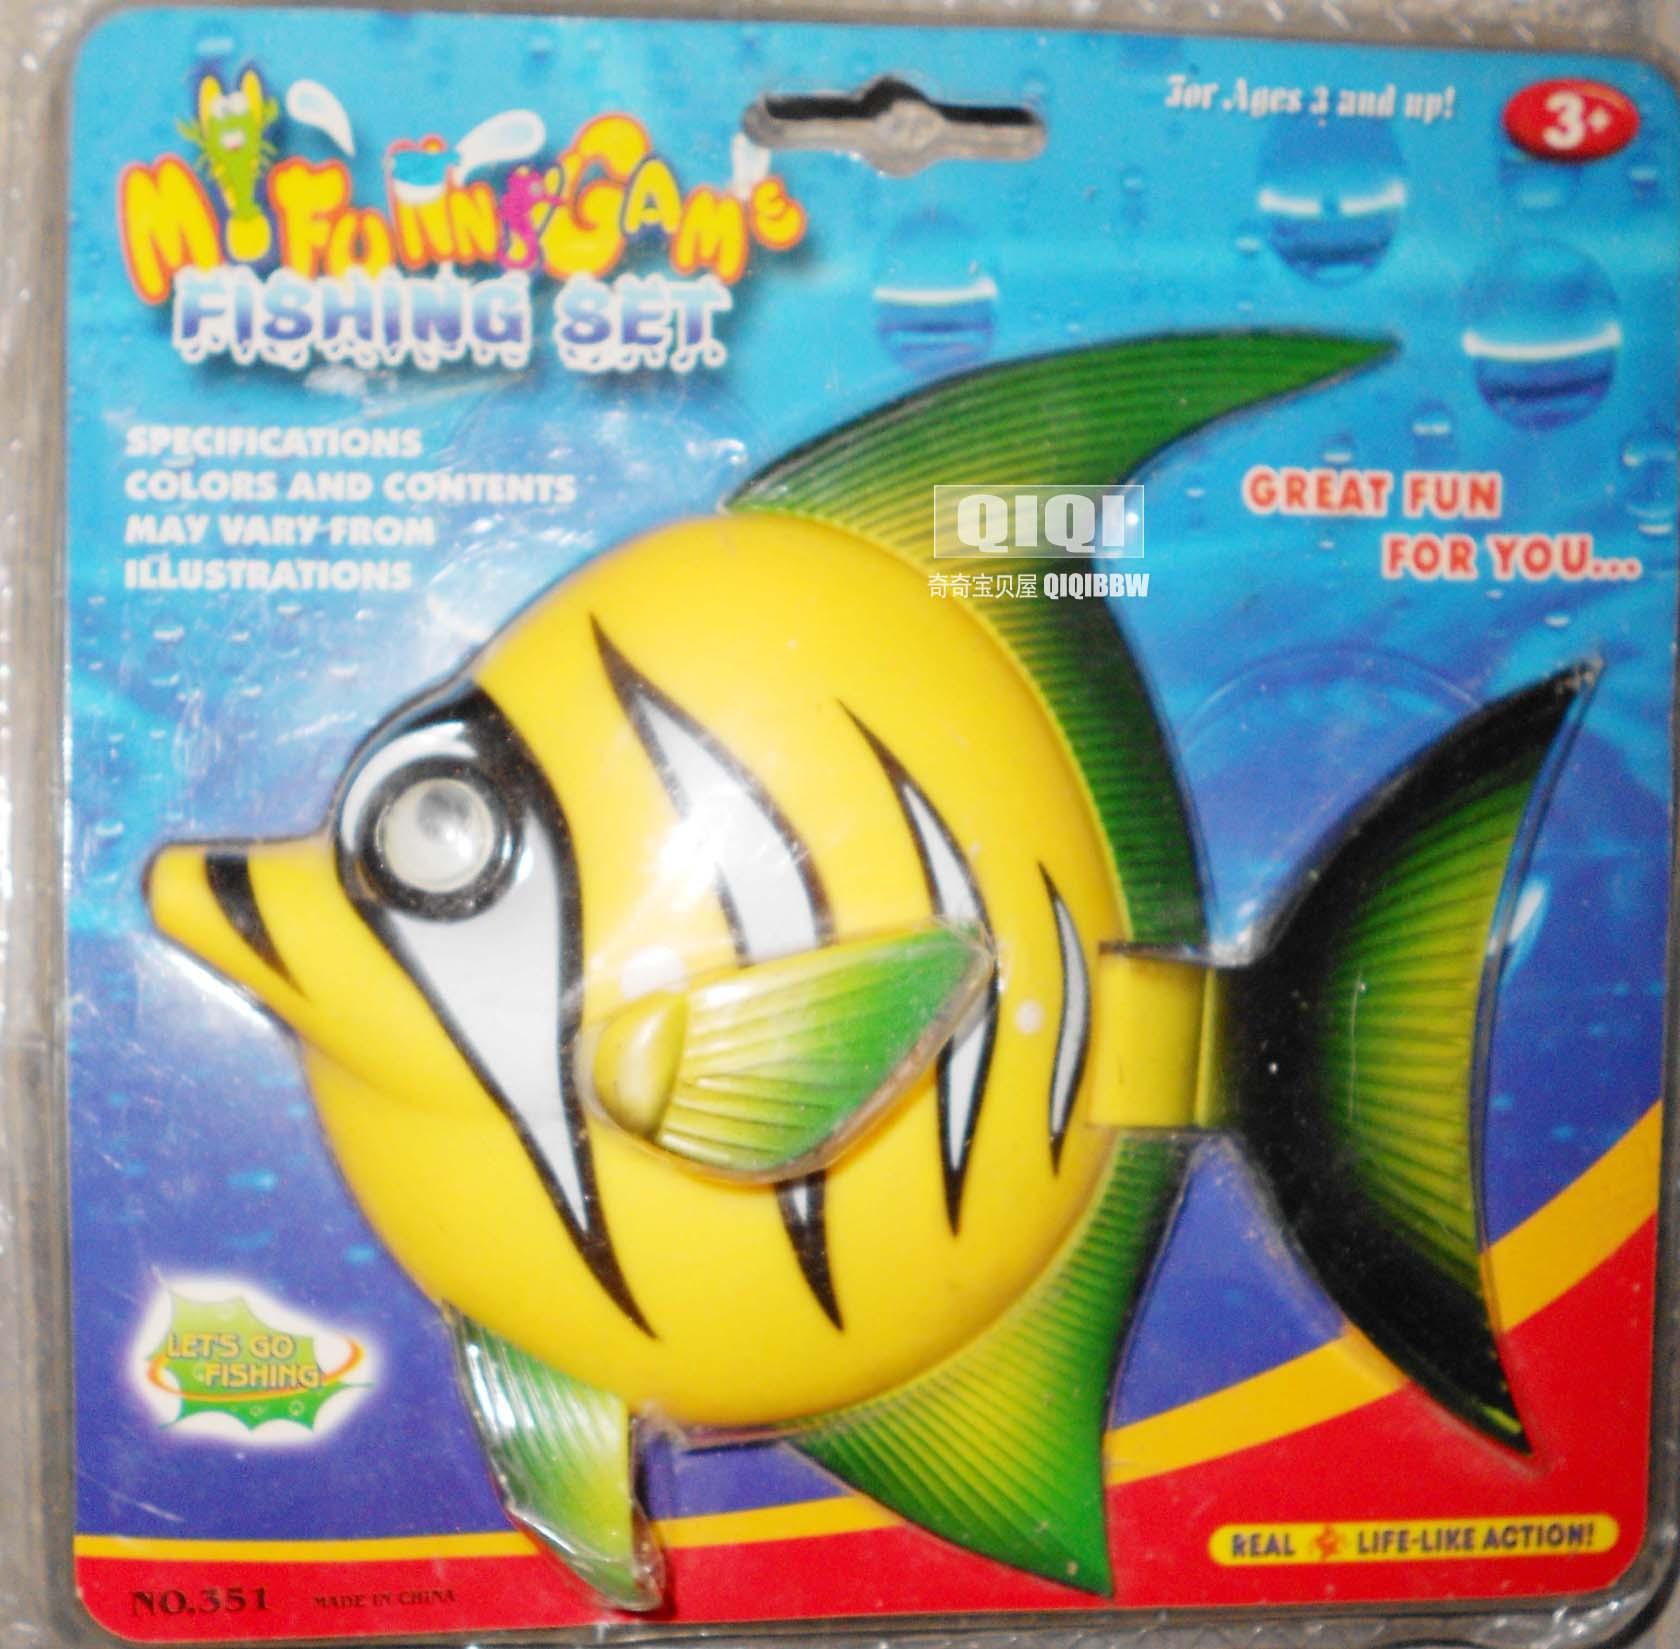 Волшебная рыба игрушка рыбы музыка электронная электрические моделирование рыбы икра летучей рыбы душ FishingSet